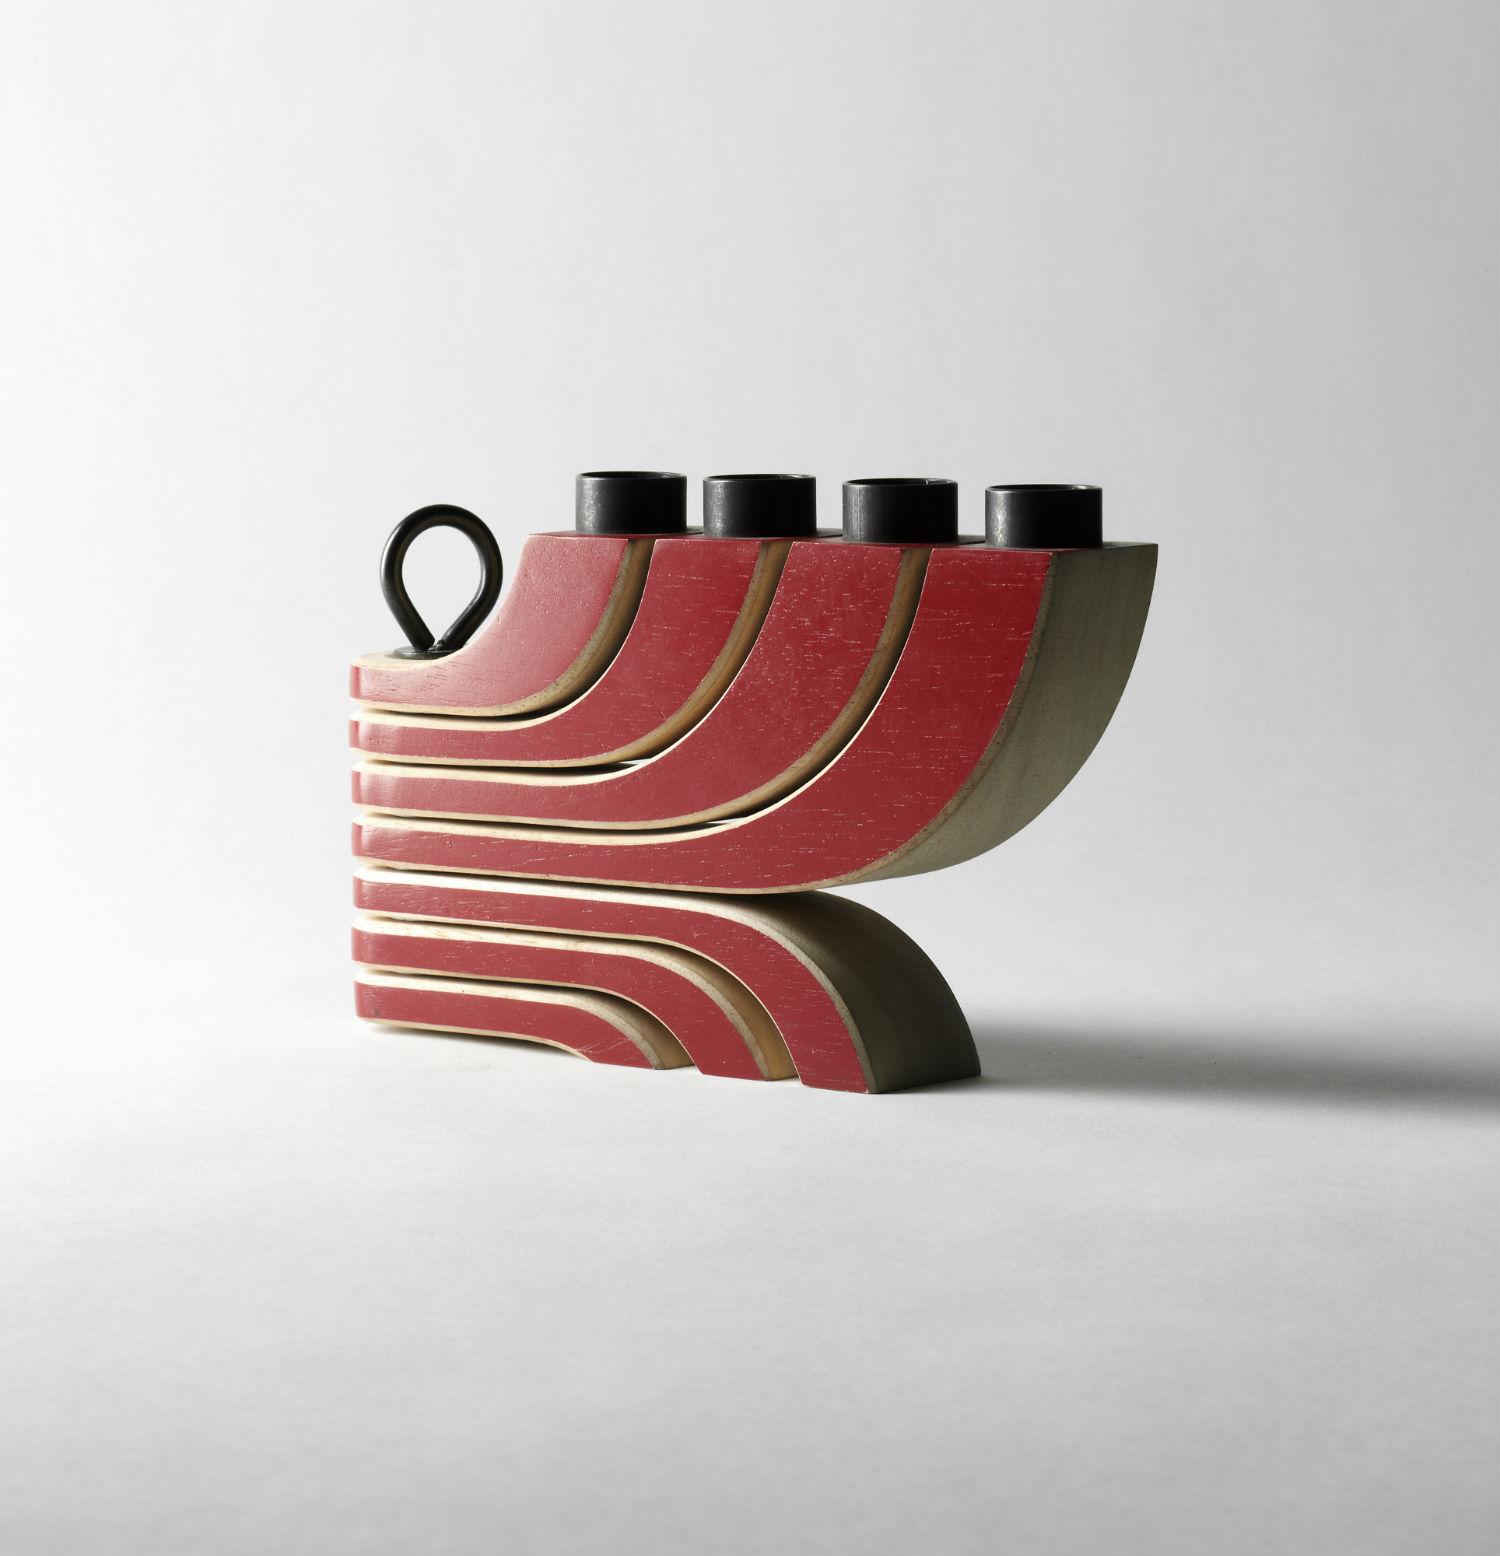 Chandelier-bougeoir-design-nordic-light-06